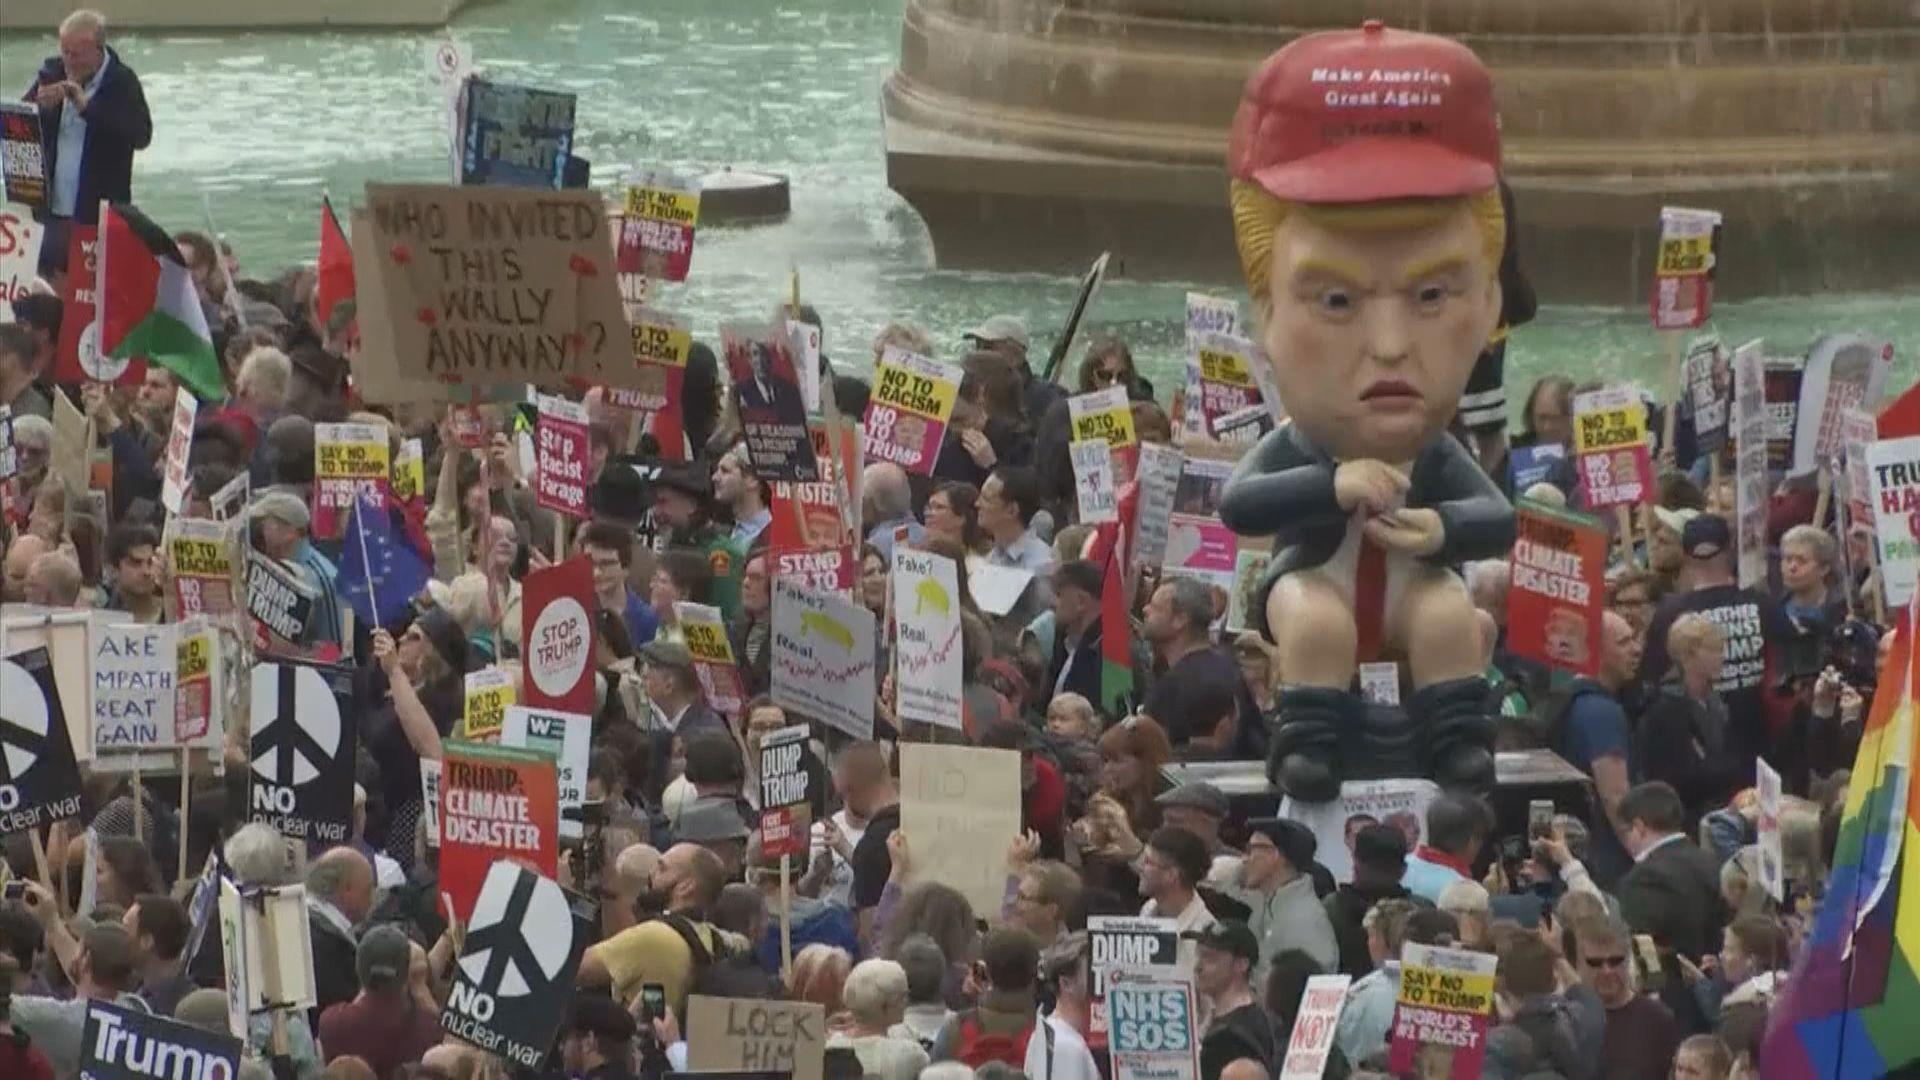 倫敦有大規模反特朗普示威 特朗普:假新聞